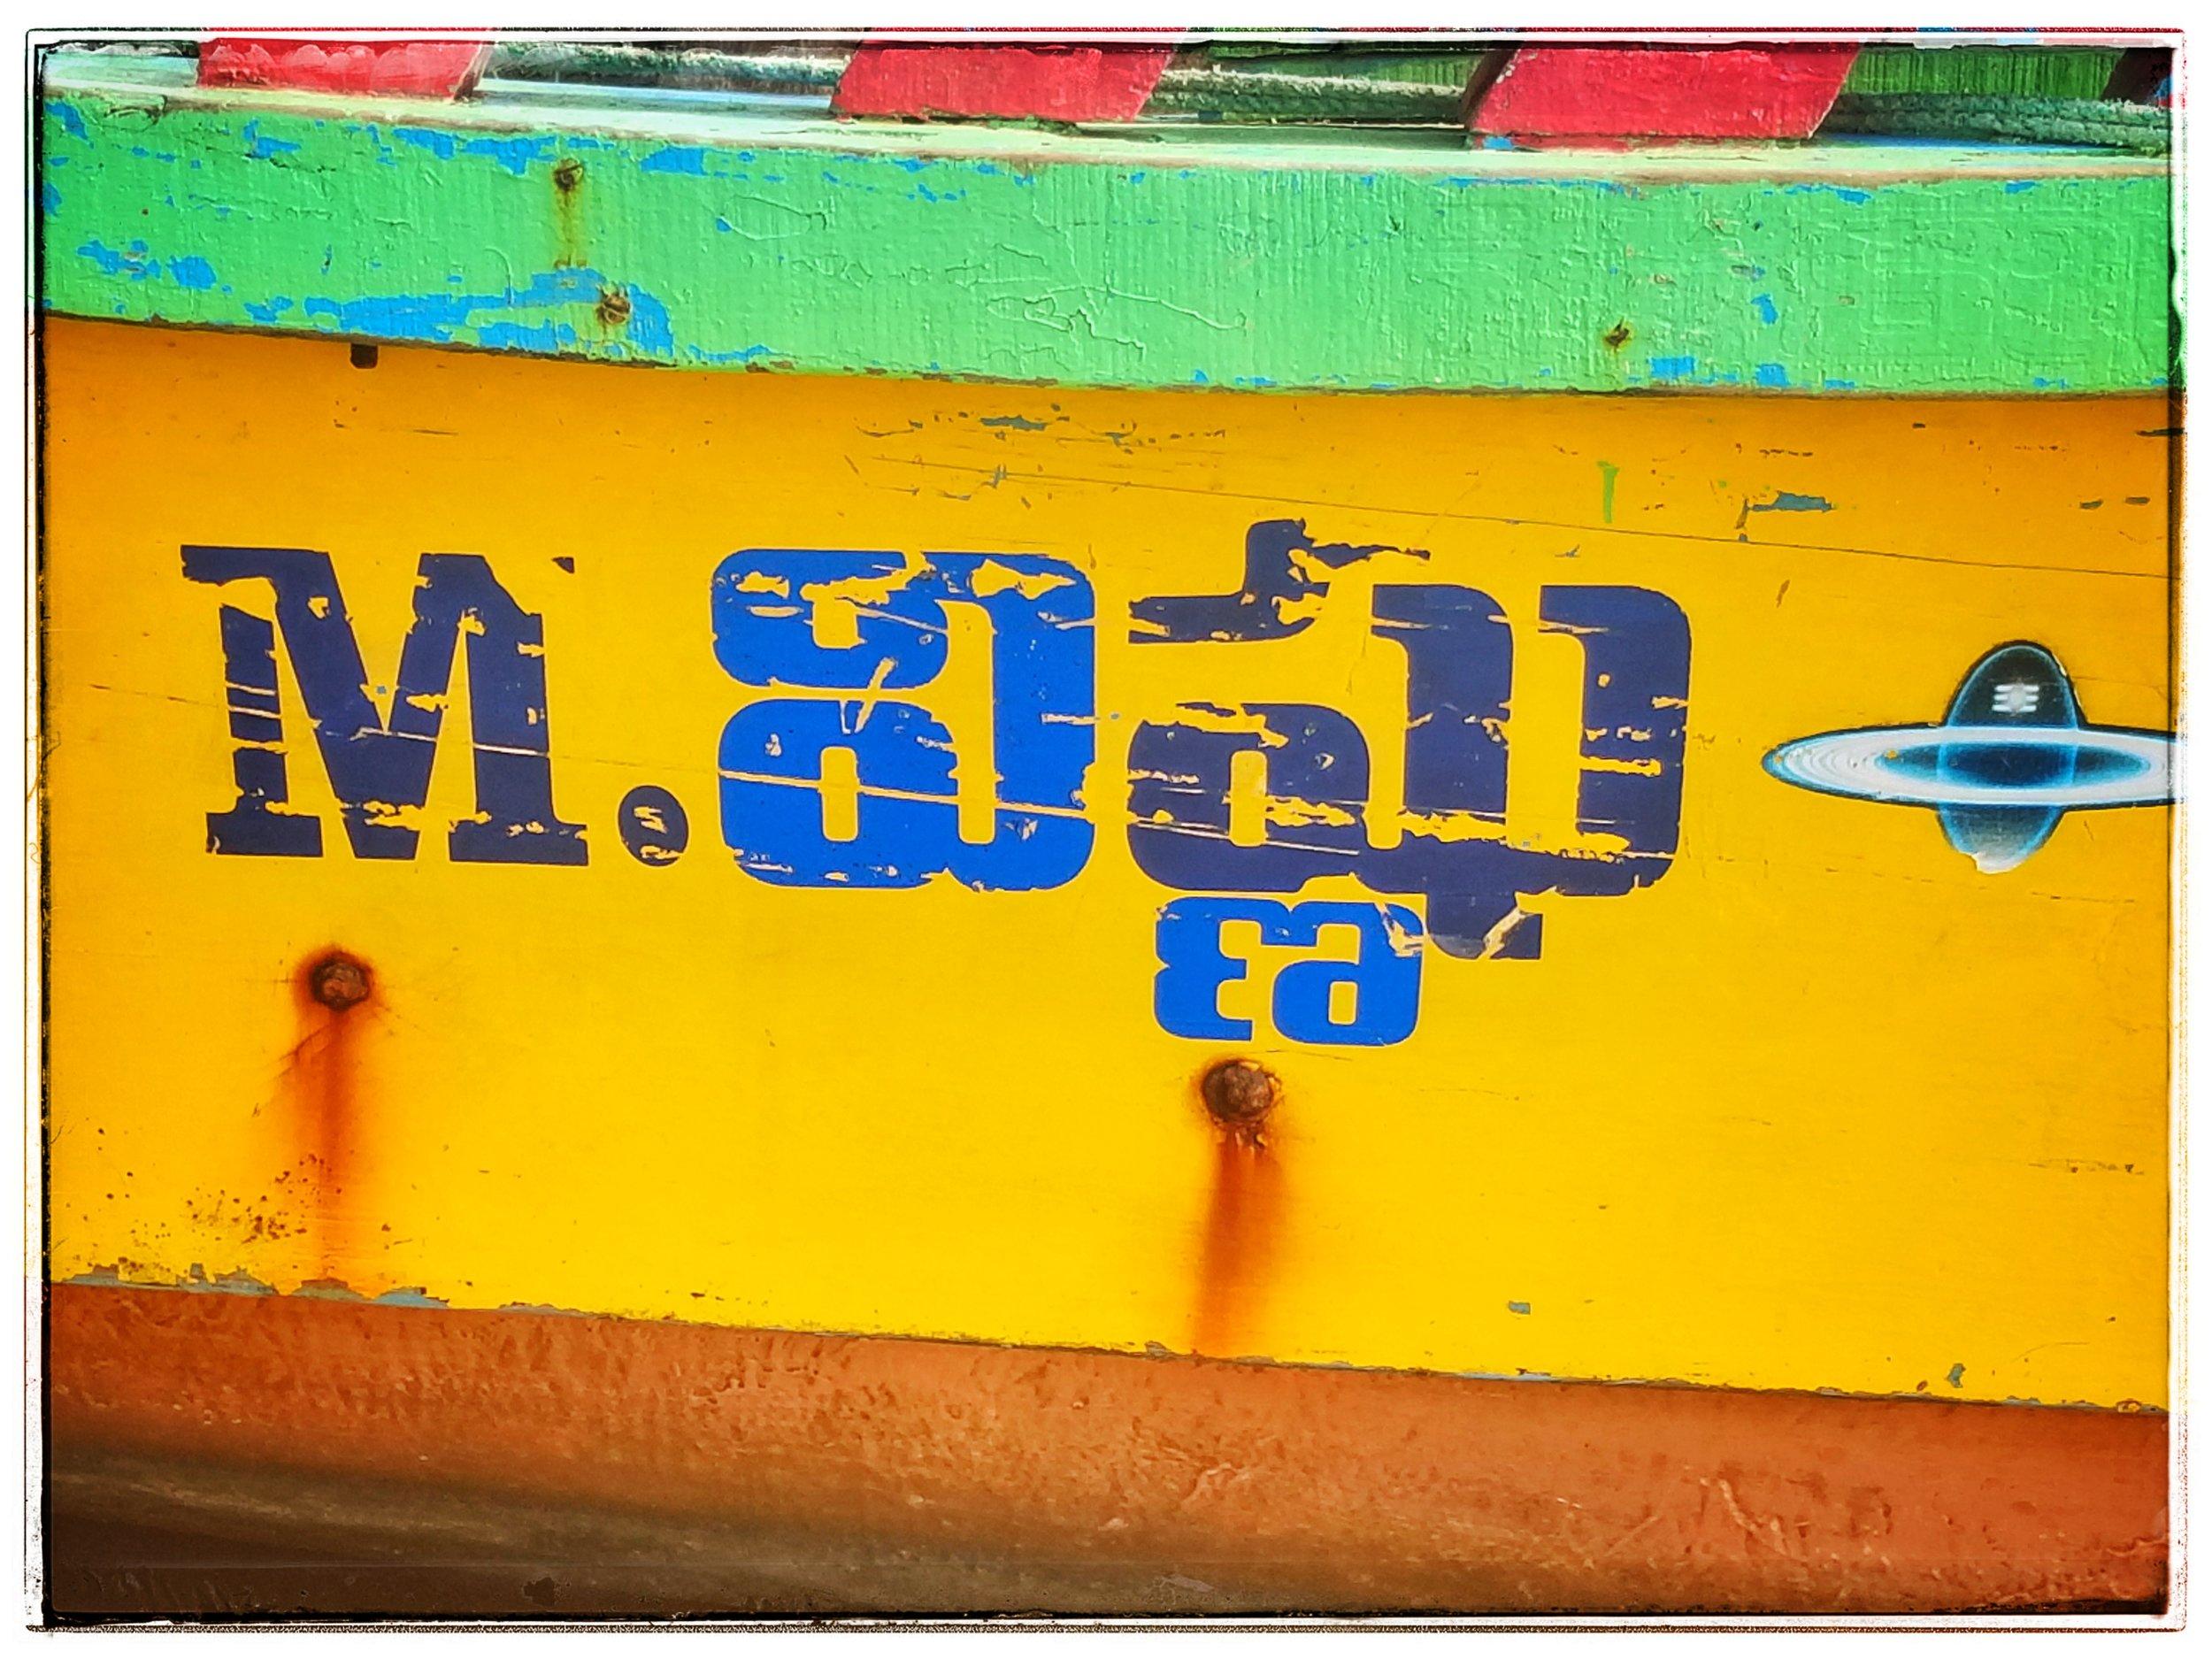 Boat with Telugu language.